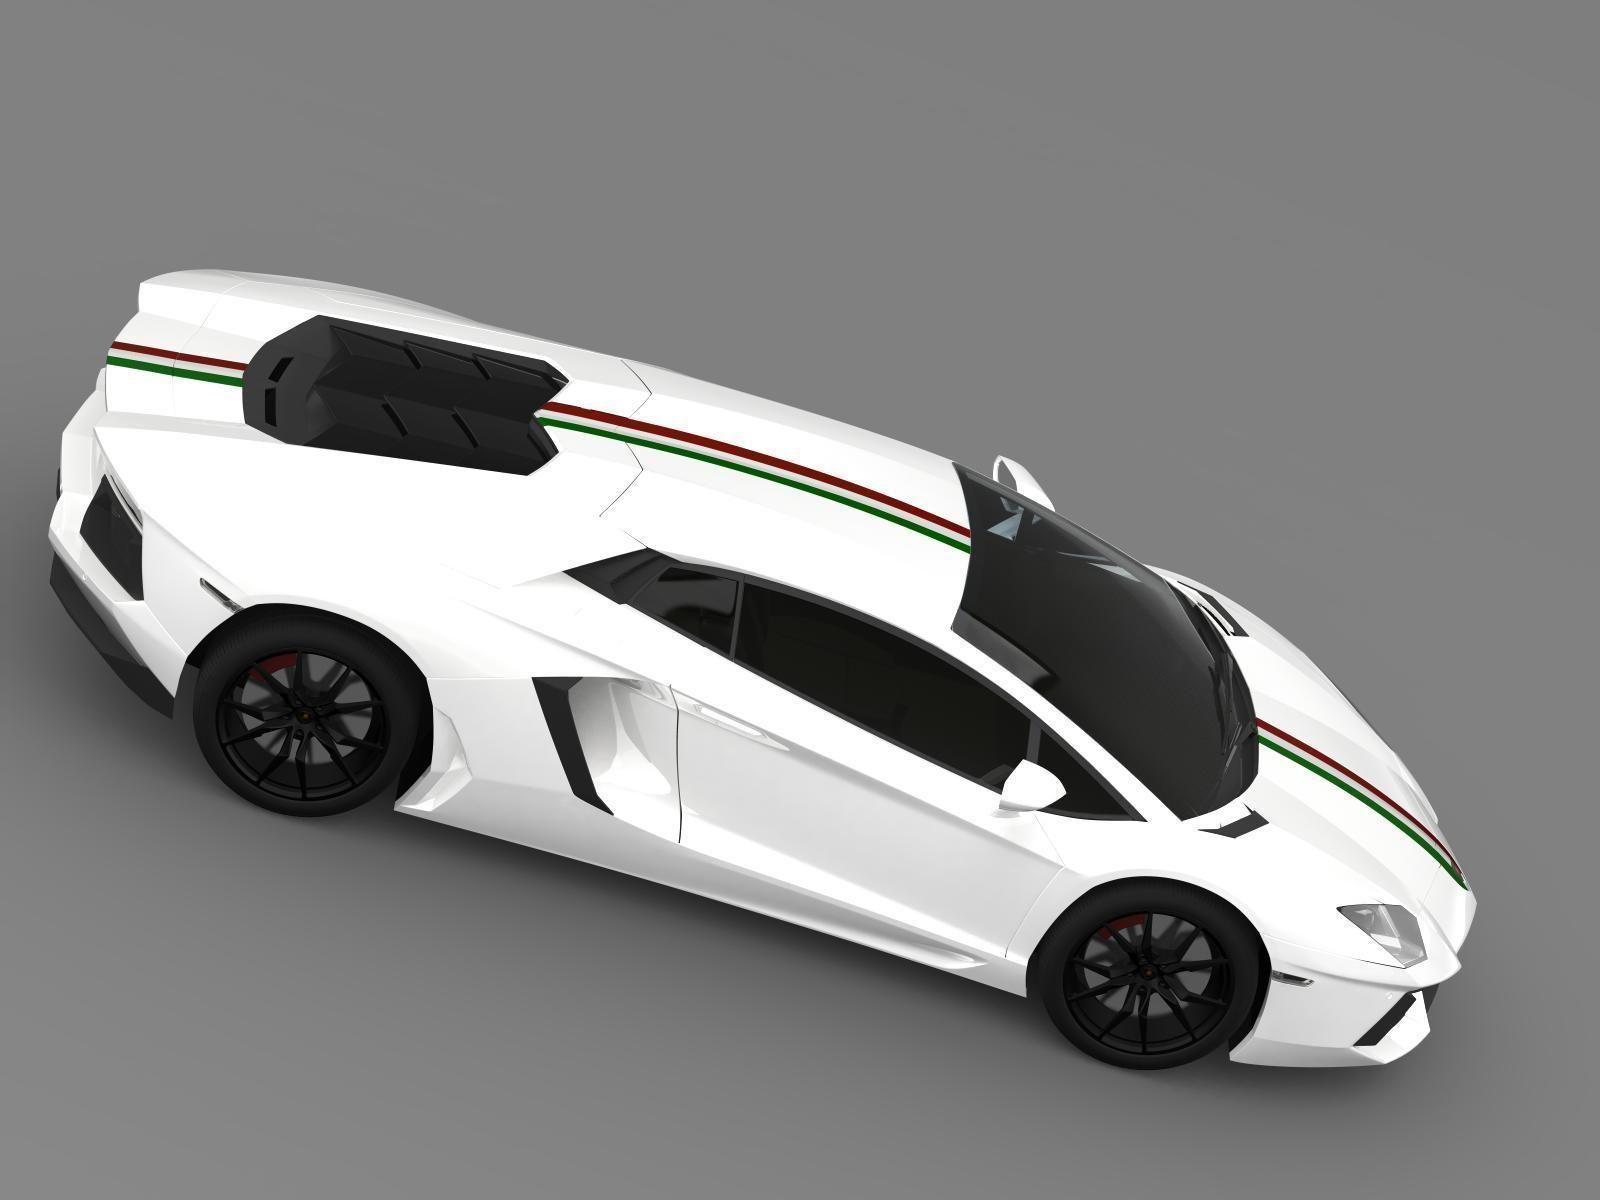 Lamborghini Aventador LP 700 4 Nazionale LB834 2014 3D model MAX